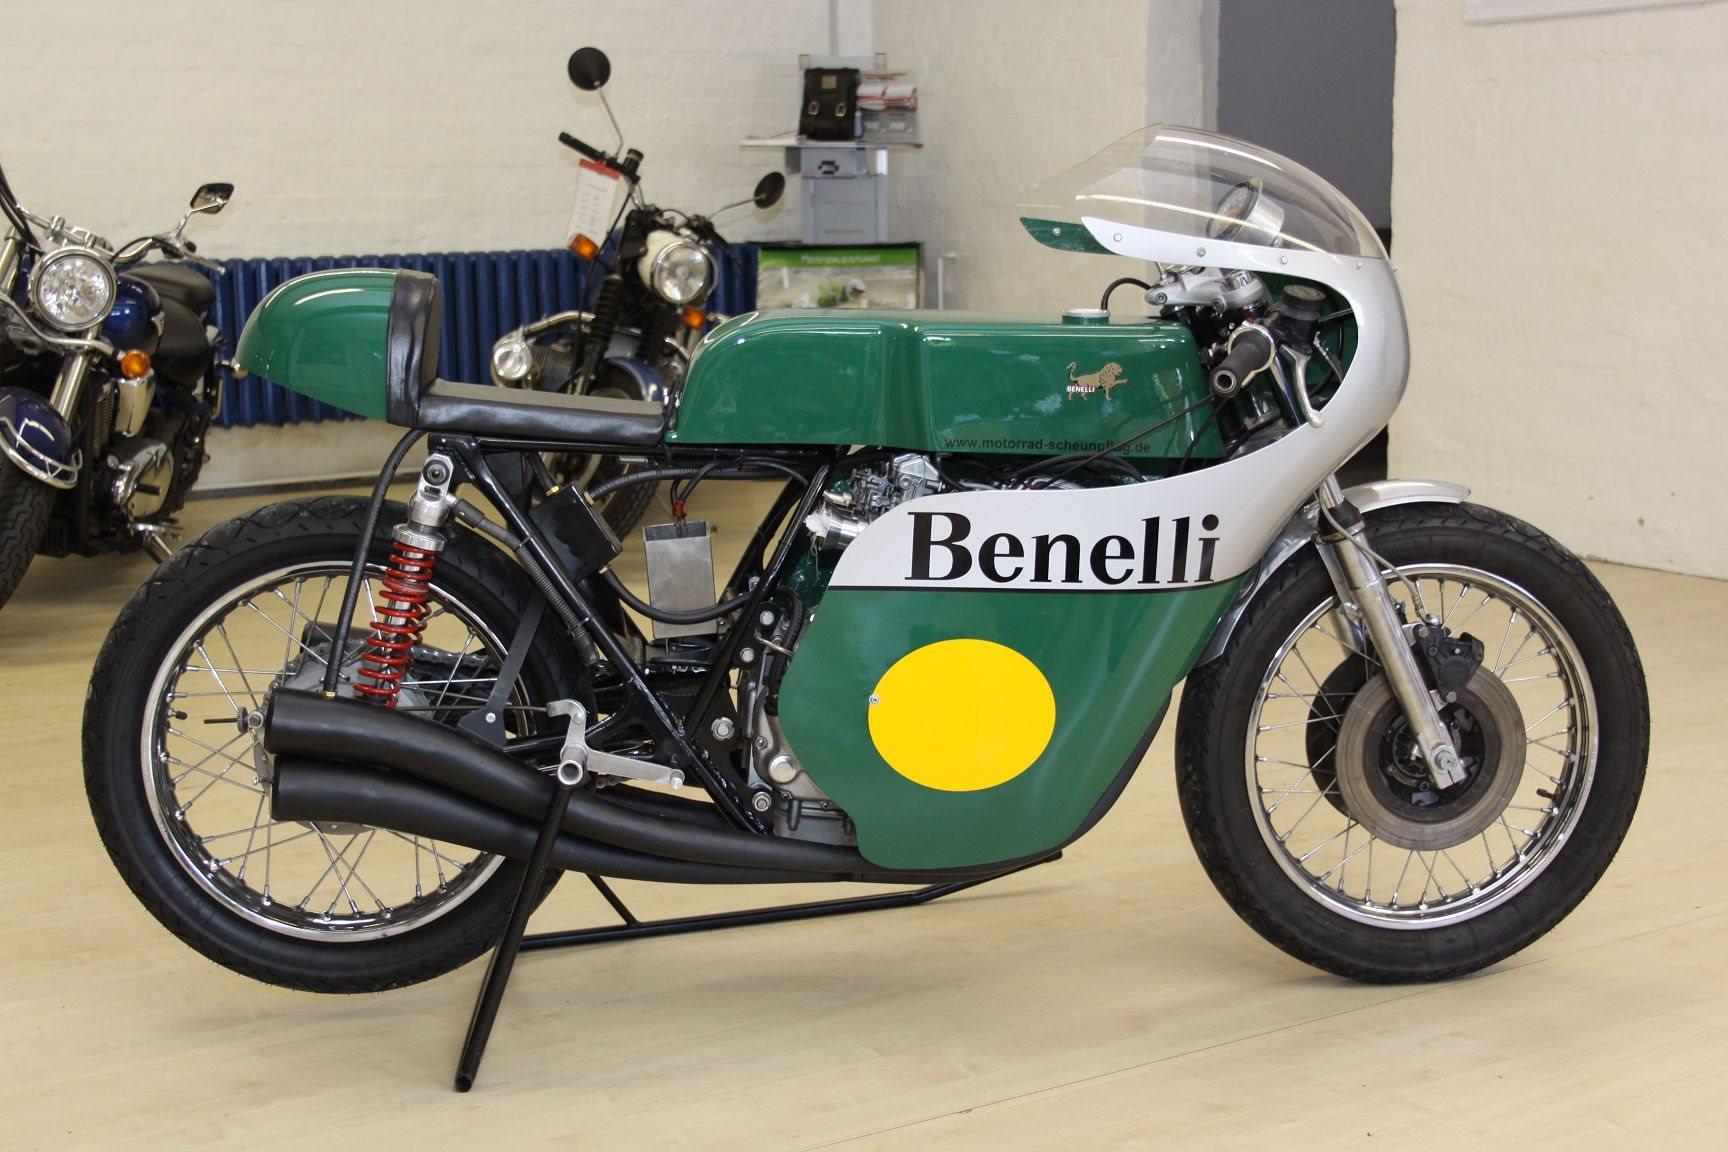 1975 Benelli Quattro | Bike-urious